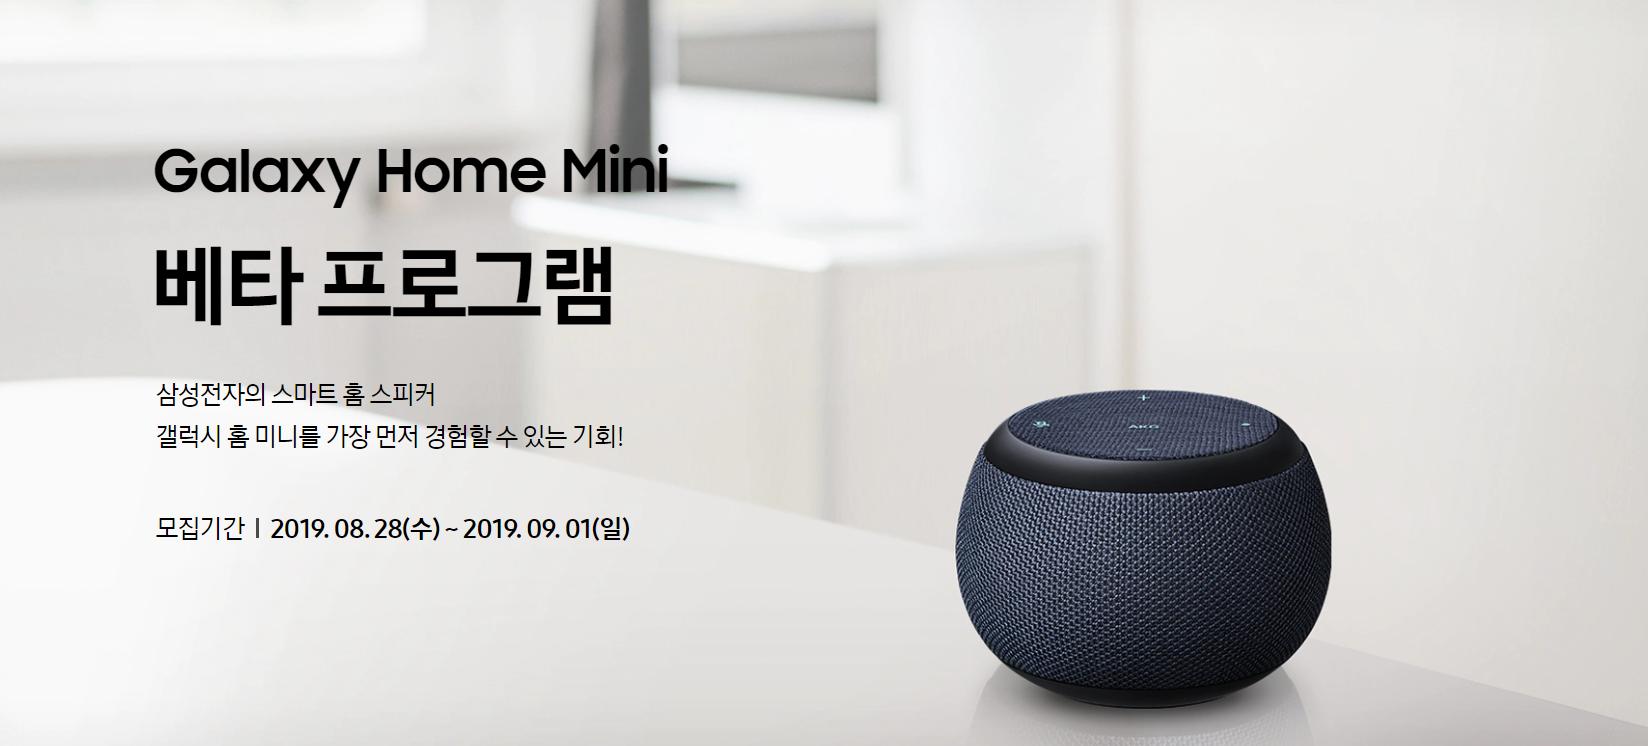 Samsung potwierdza istnienie Galaxy Home Mini. Będą testy!